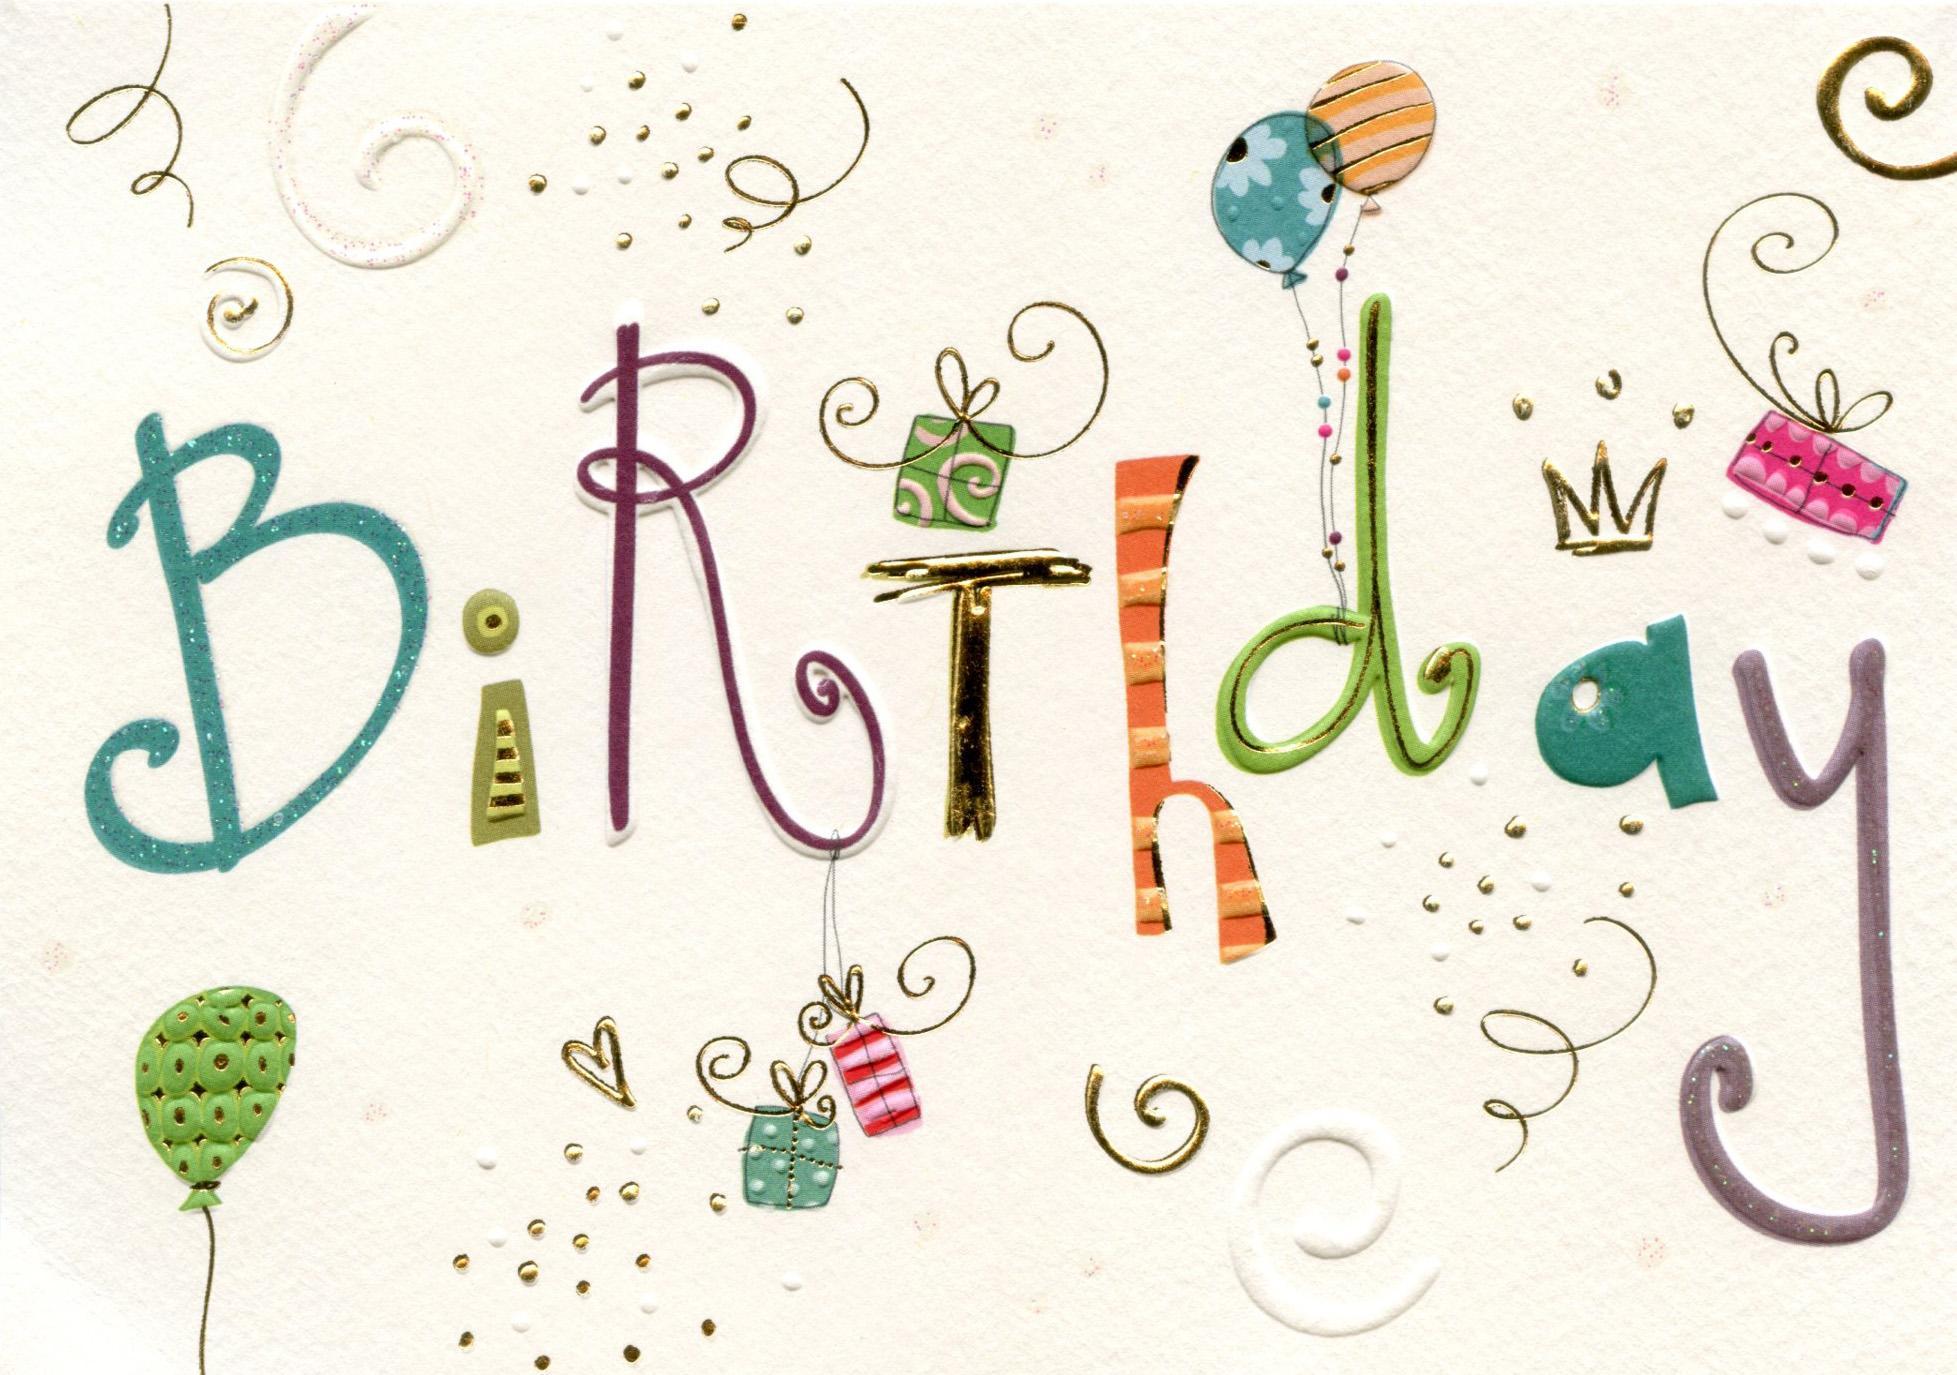 Поздравление девочке-подростку с днем рождения - Поздравок 47